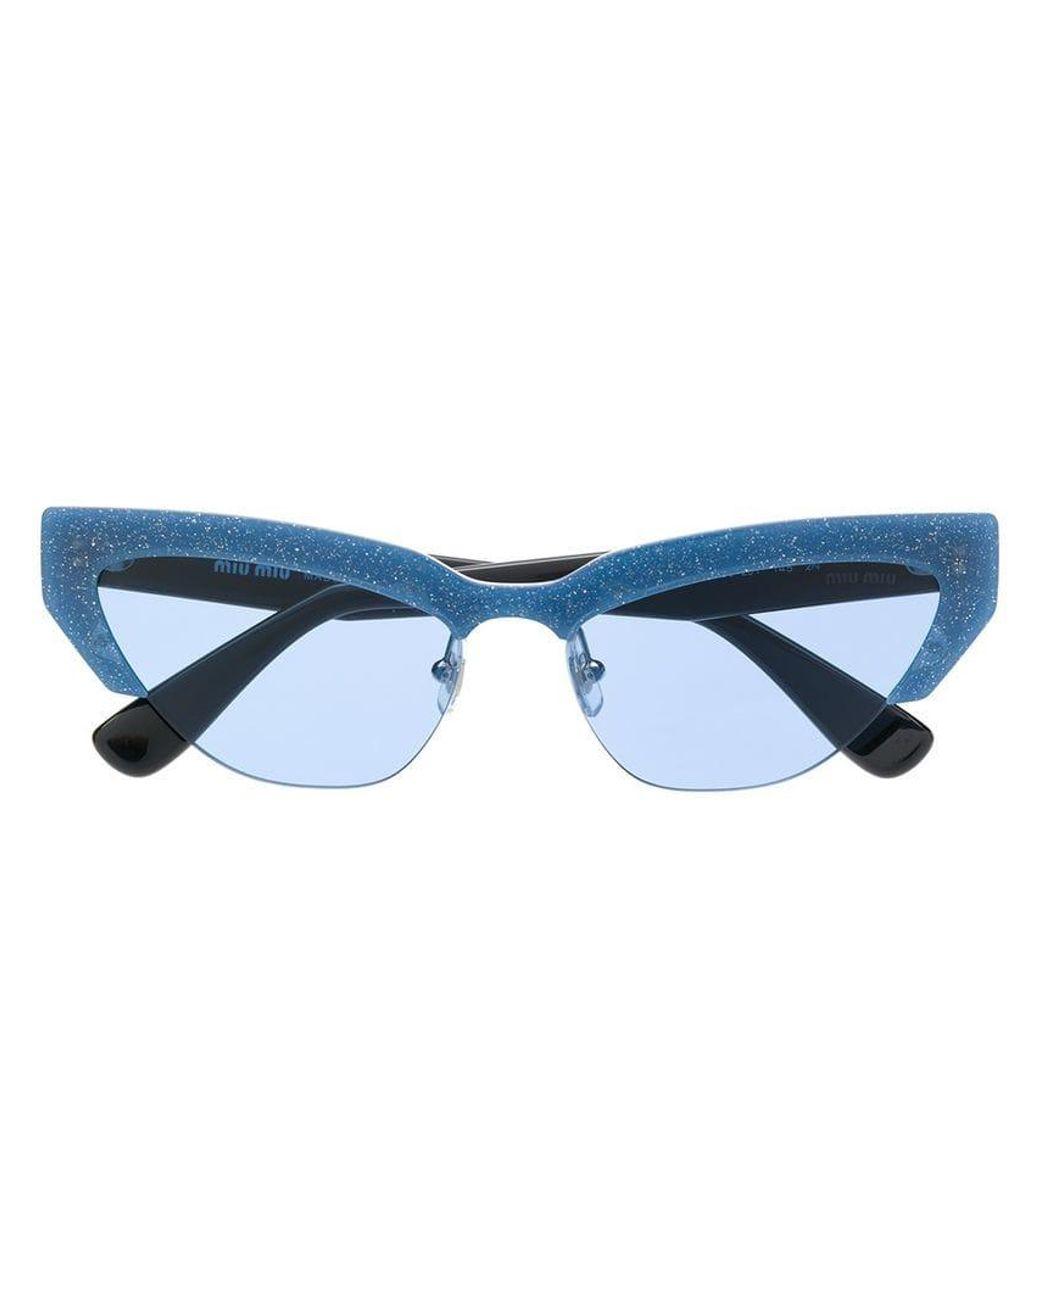 16cc21b1e892 Miu Miu Cat Eye Sunglasses in Blue - Save 6% - Lyst